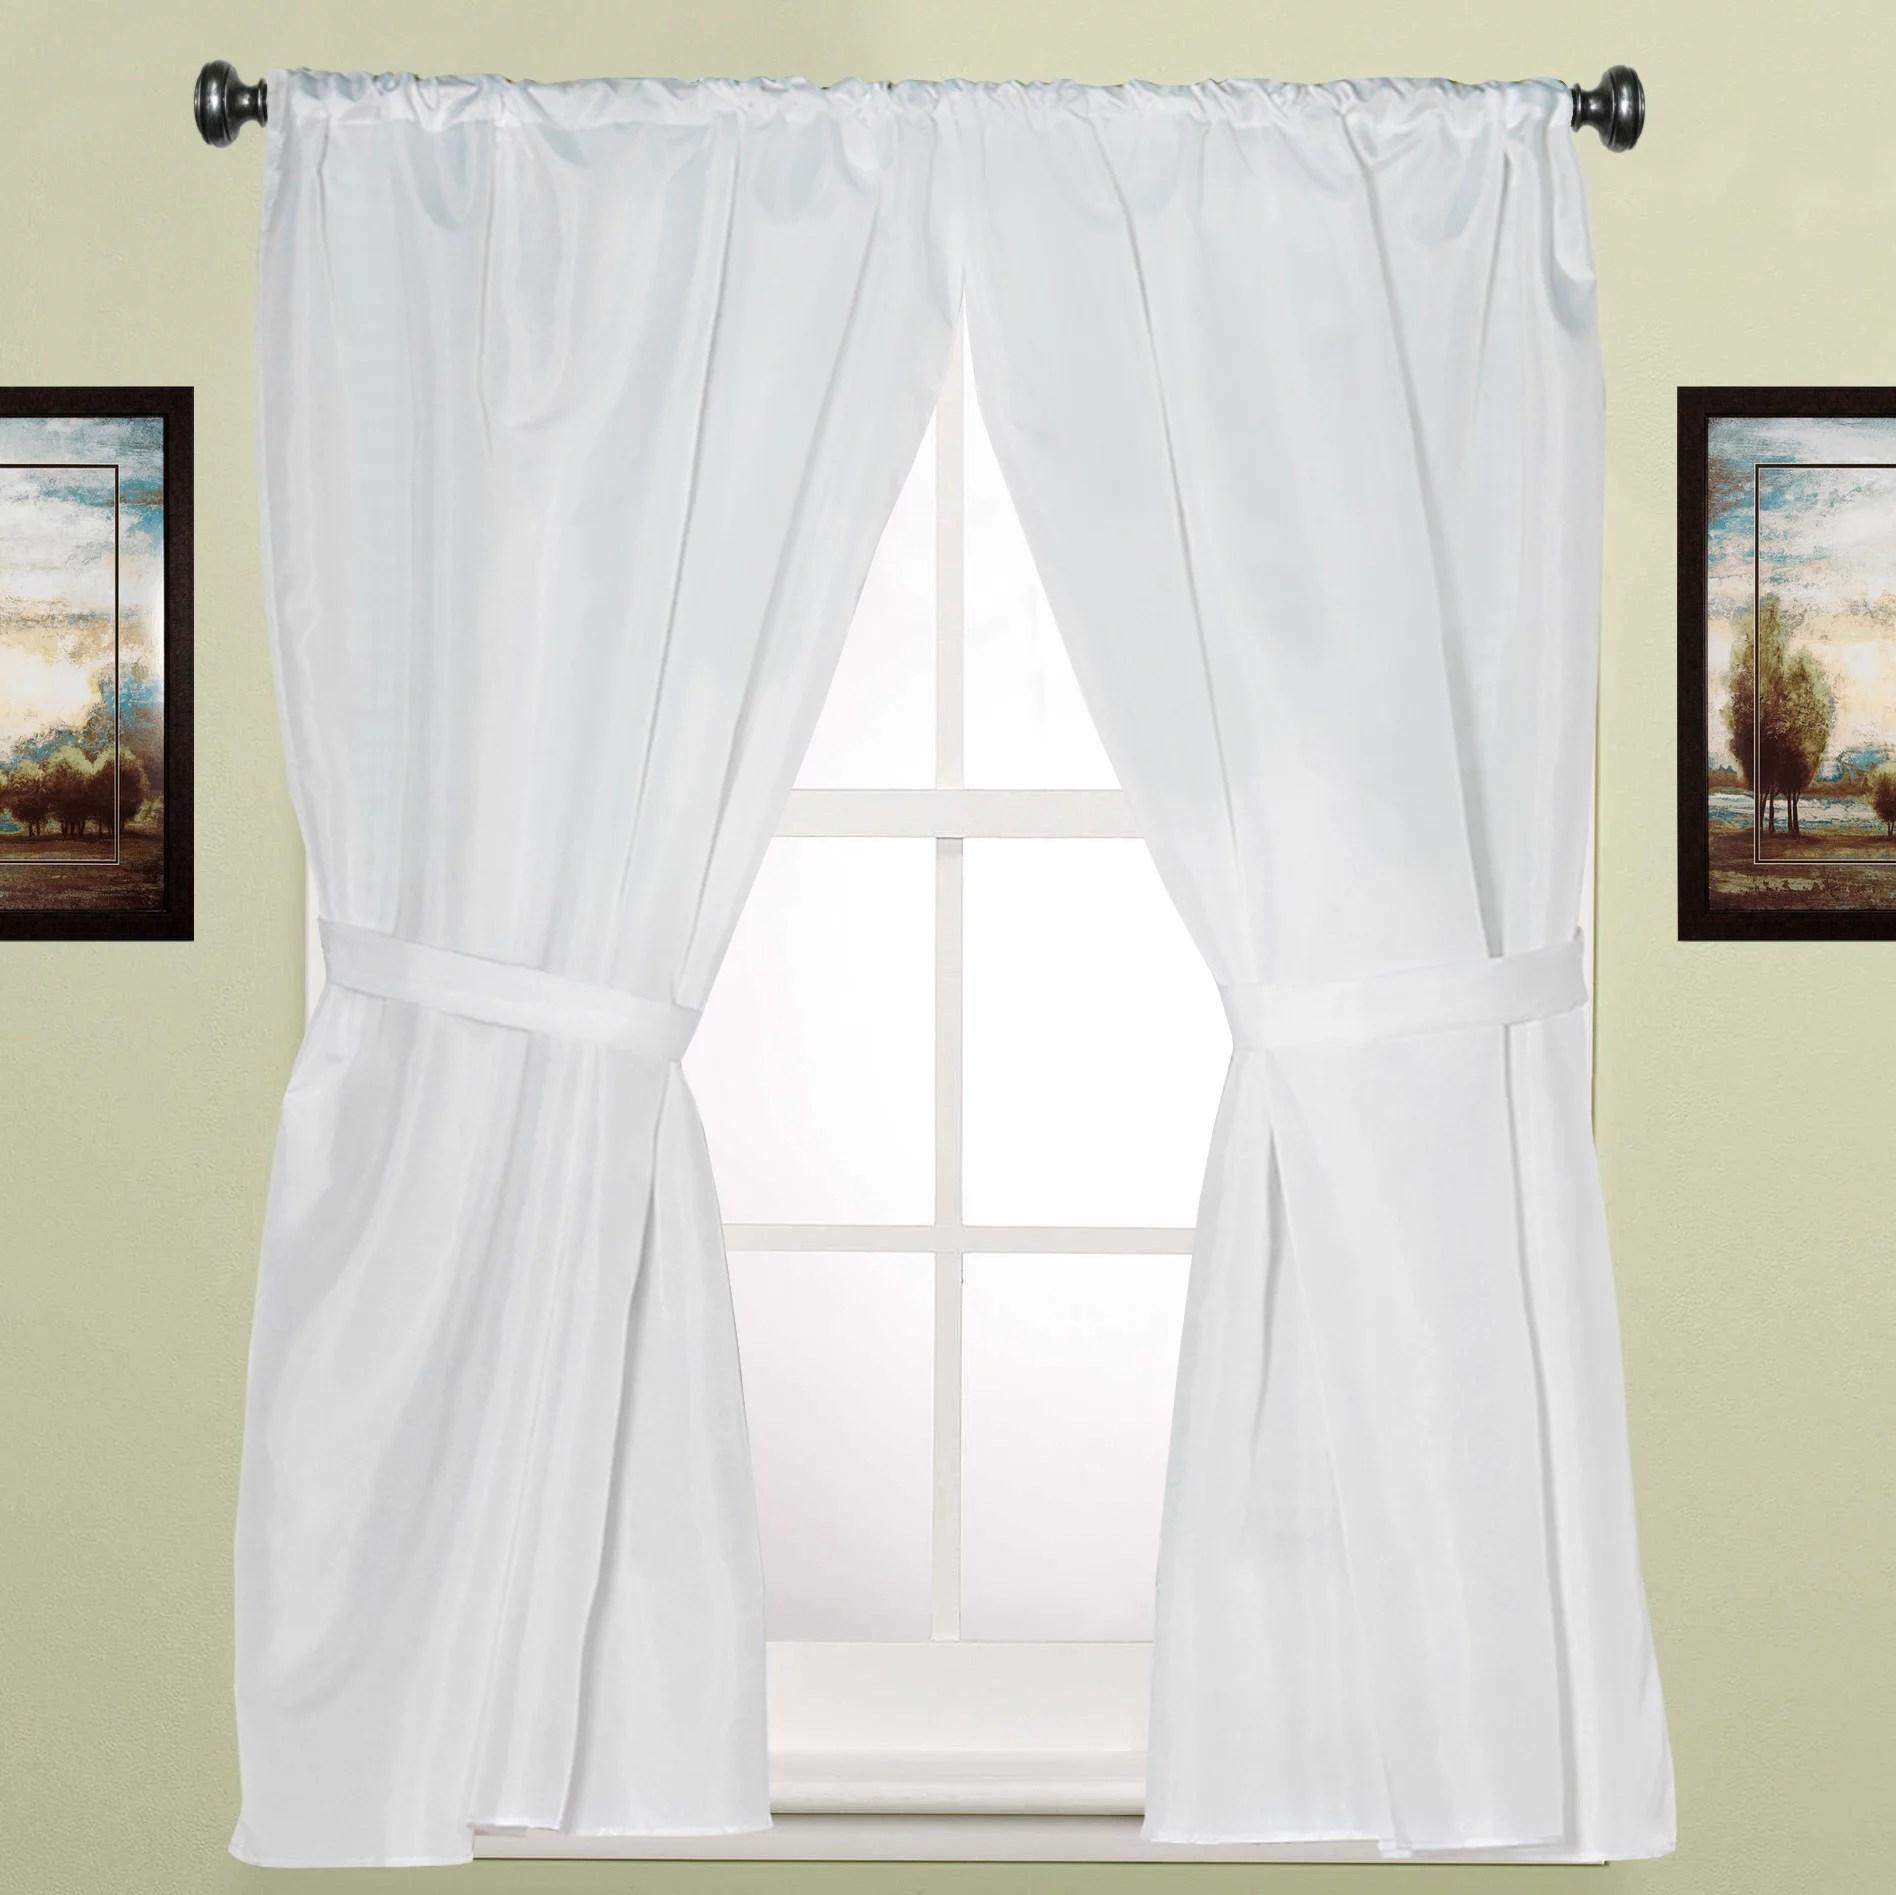 bath window curtain w tie backs 36 x